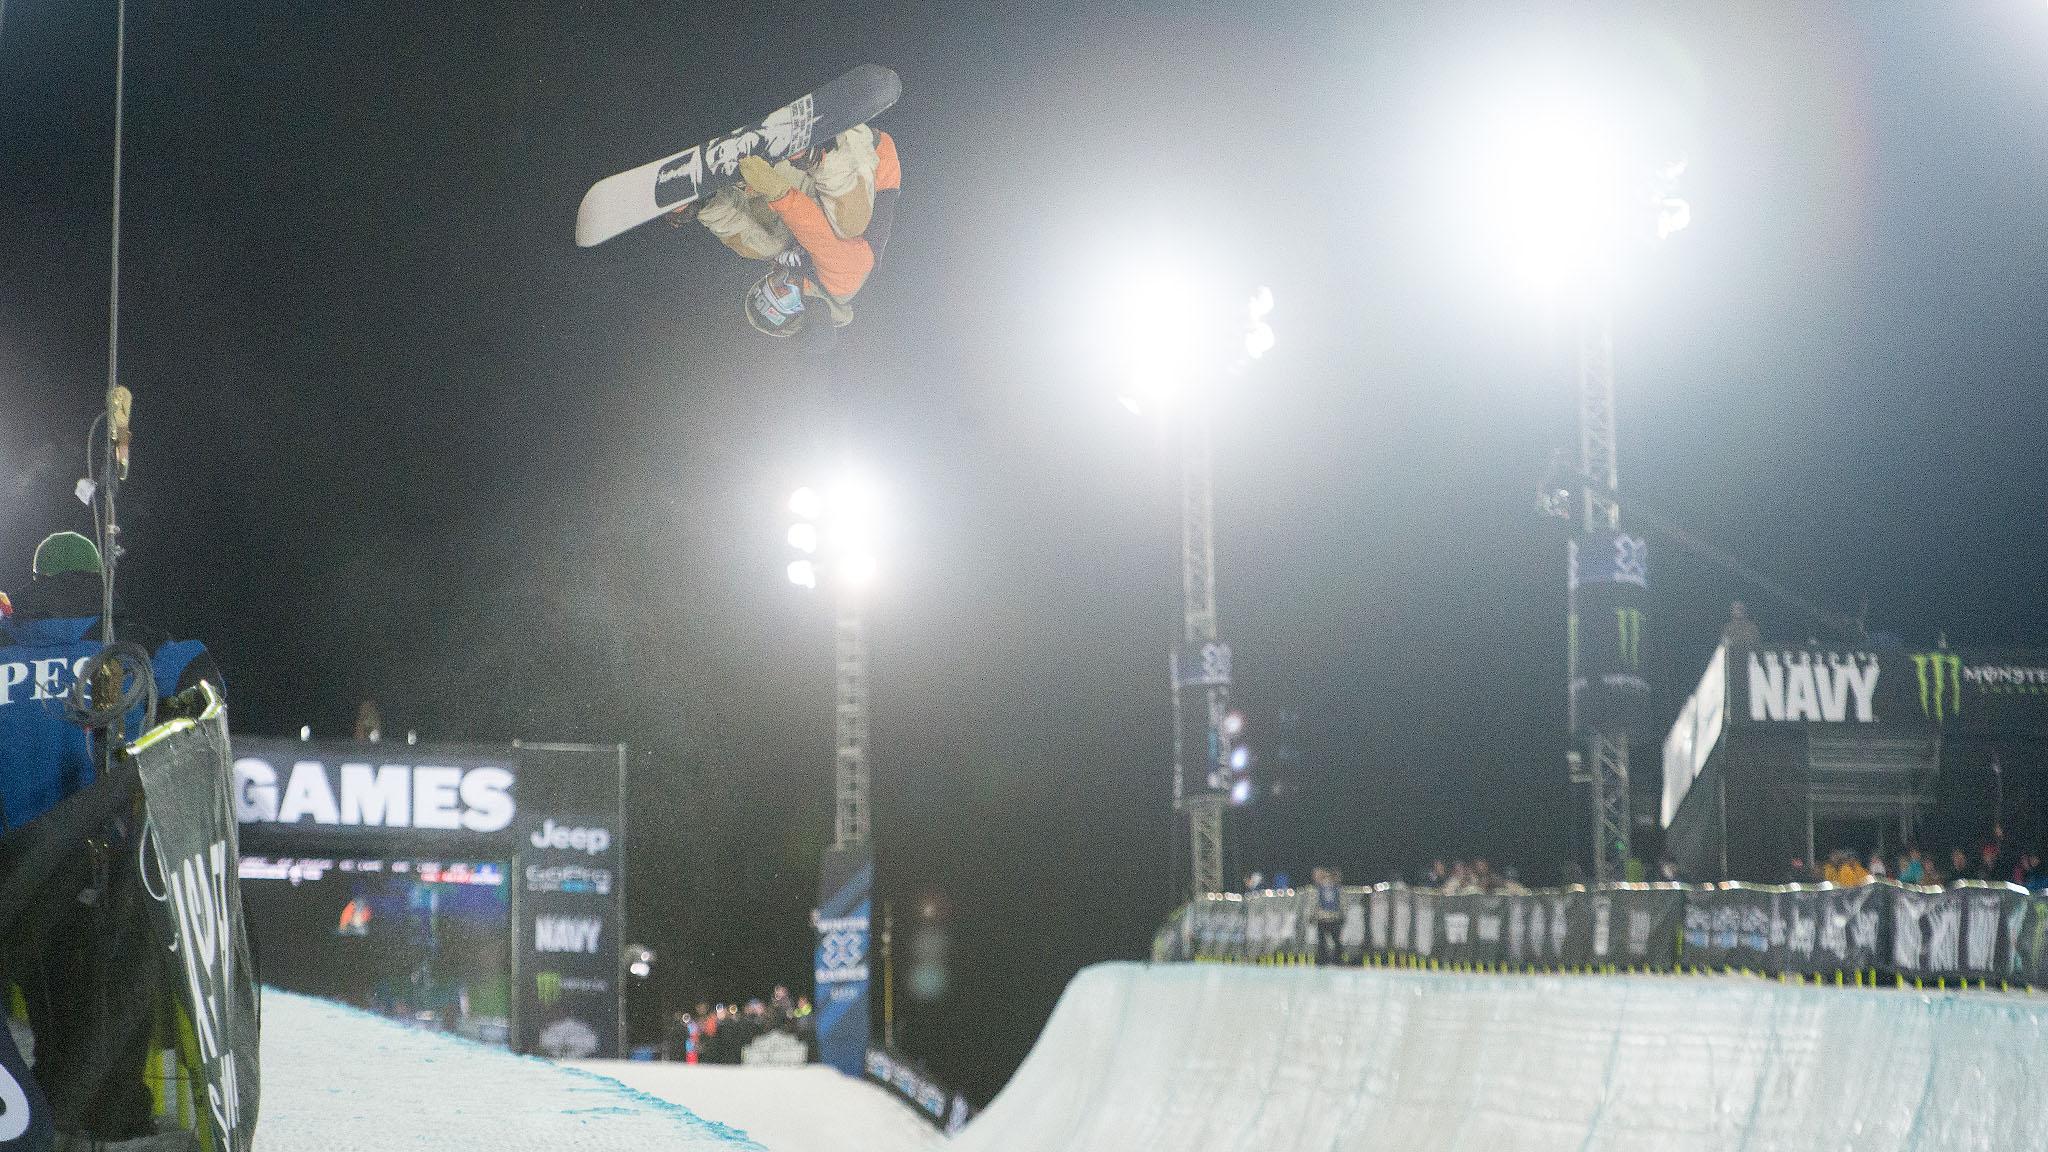 Men's Snowboard SuperPipe: Danny Davis